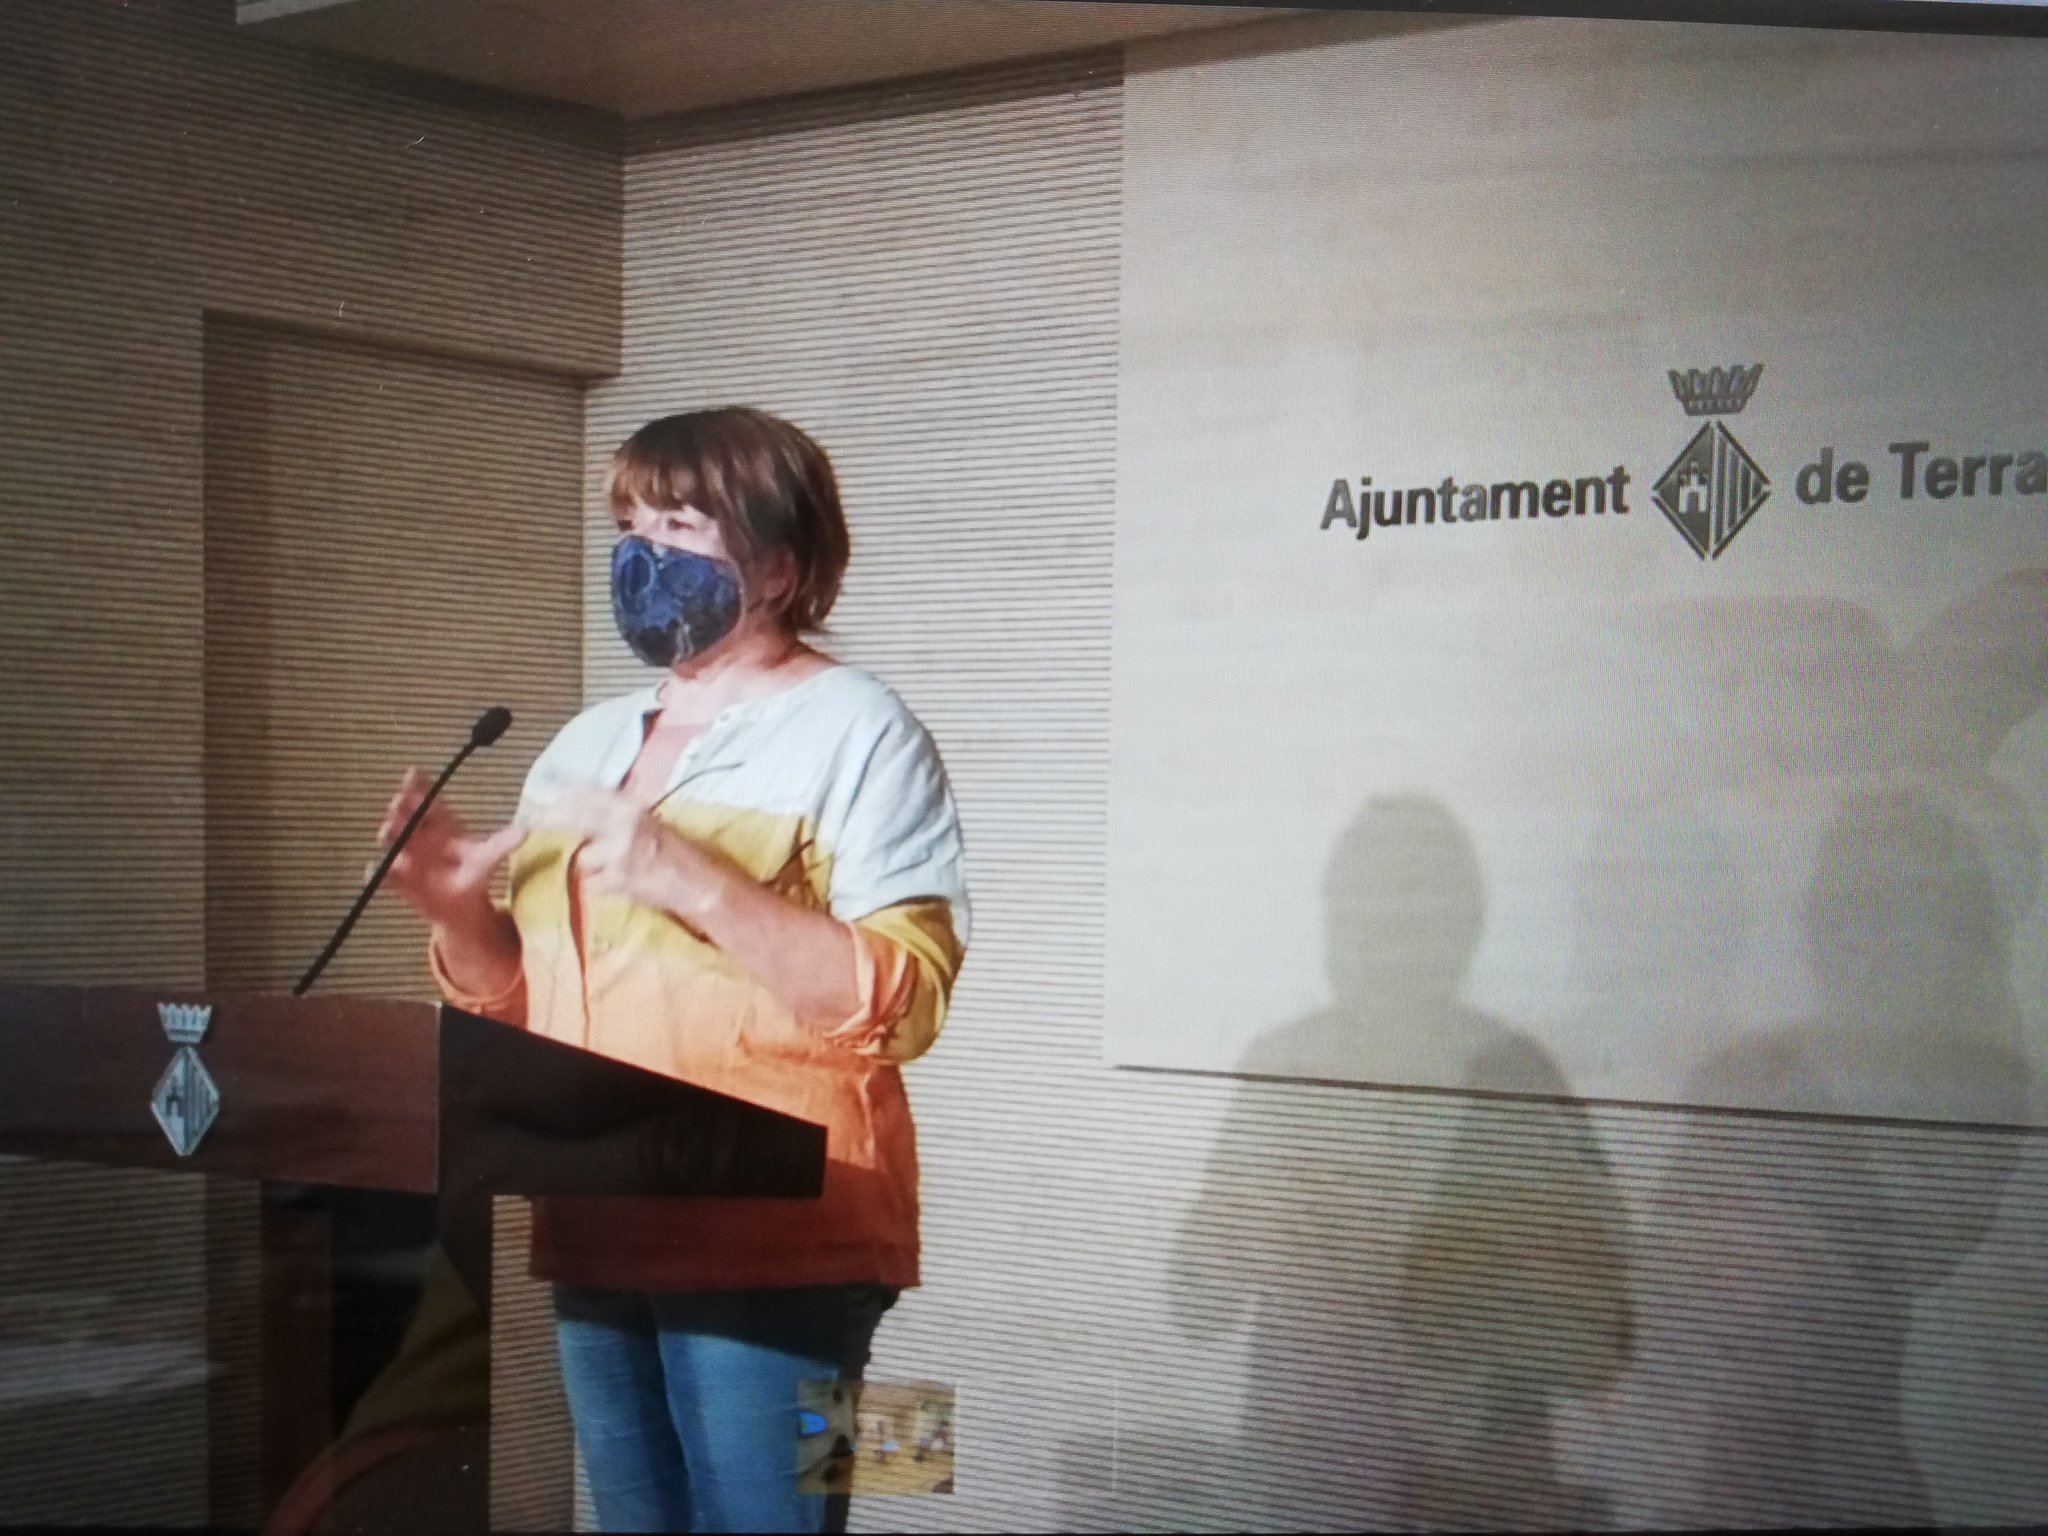 La tinent d'alcalde de Territori i Sostenibilitat, Lluïsa Melgares | Aj. Terrassa